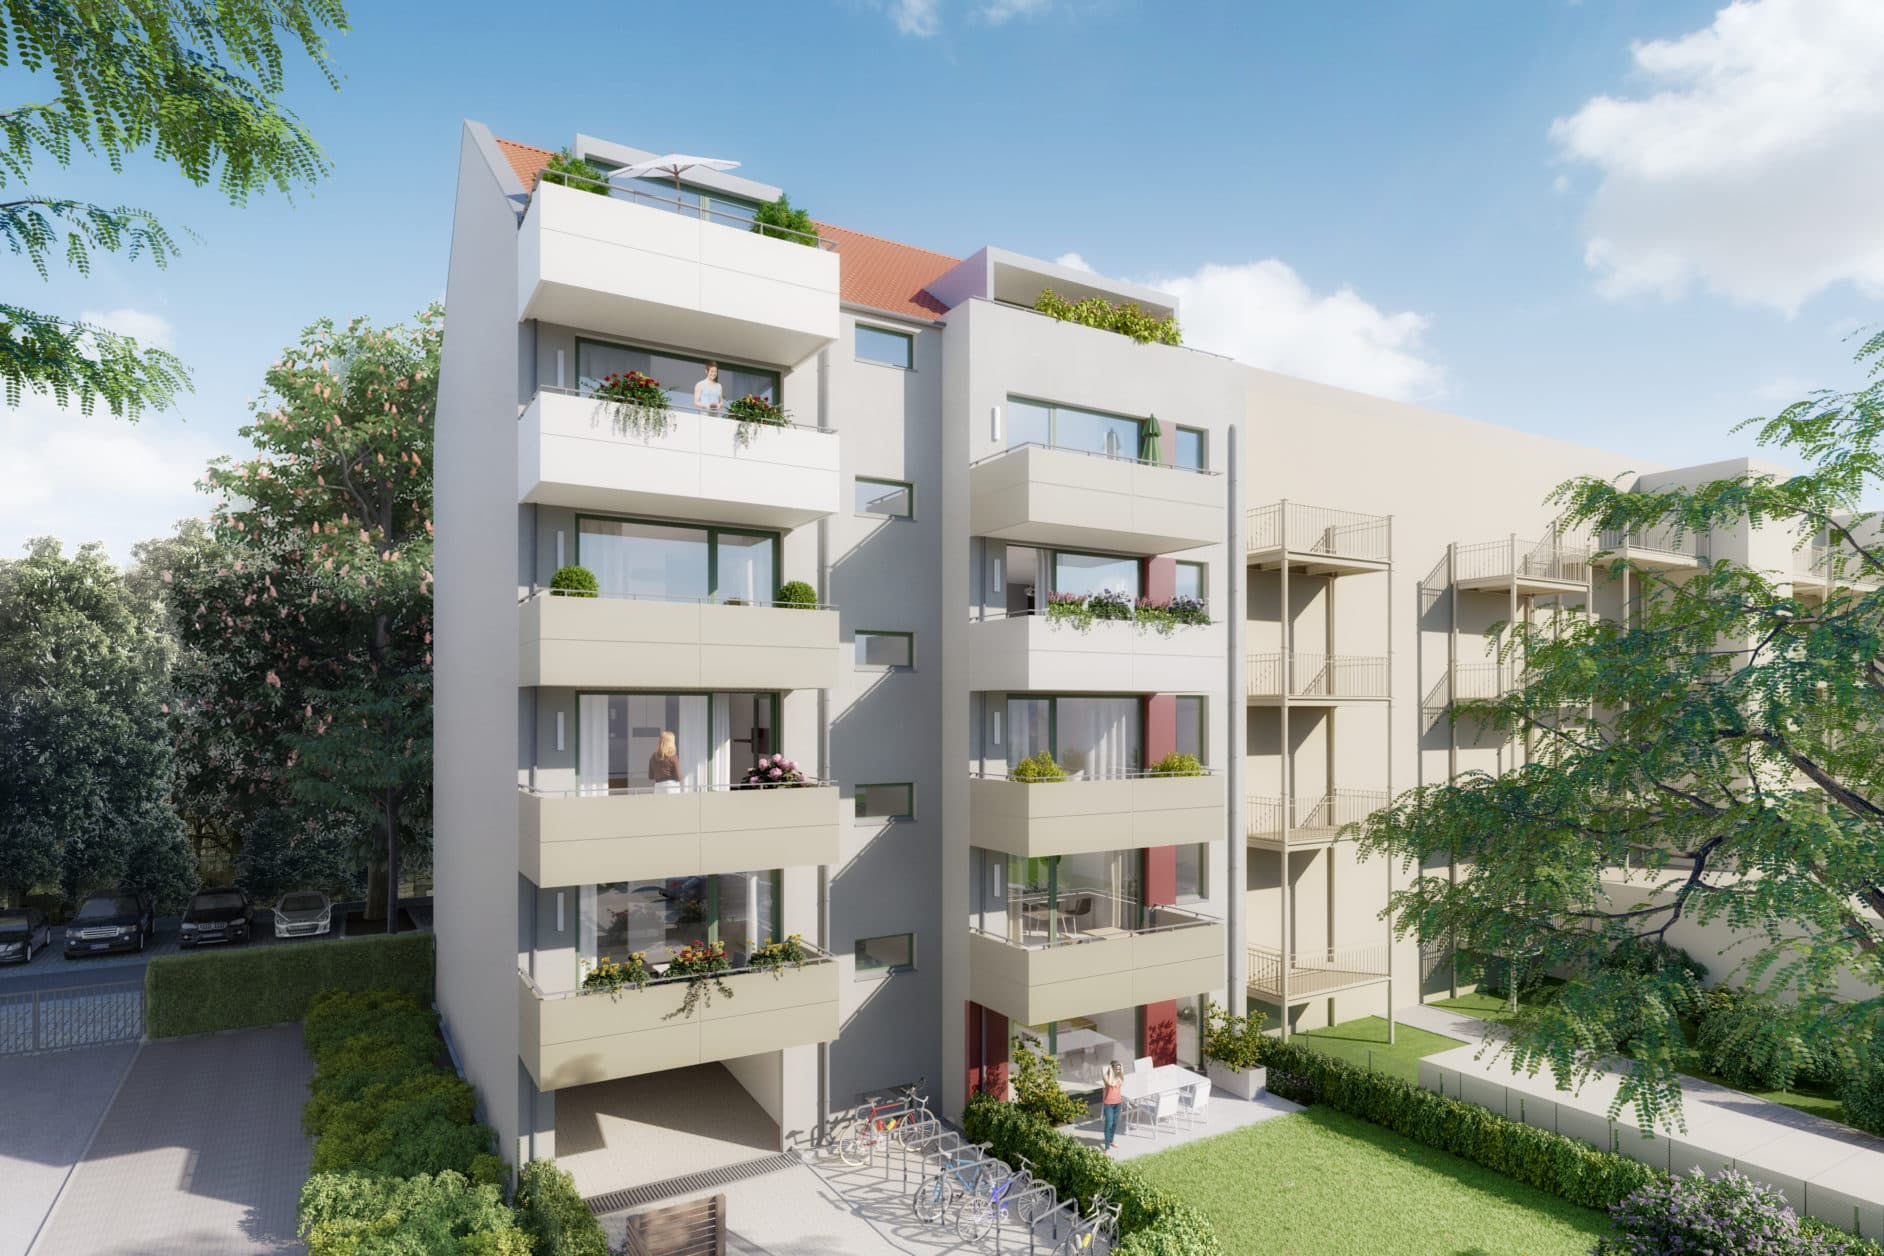 Bild Eigentumswohnung Zwickauer Str. 122 – Wohnung 05 2